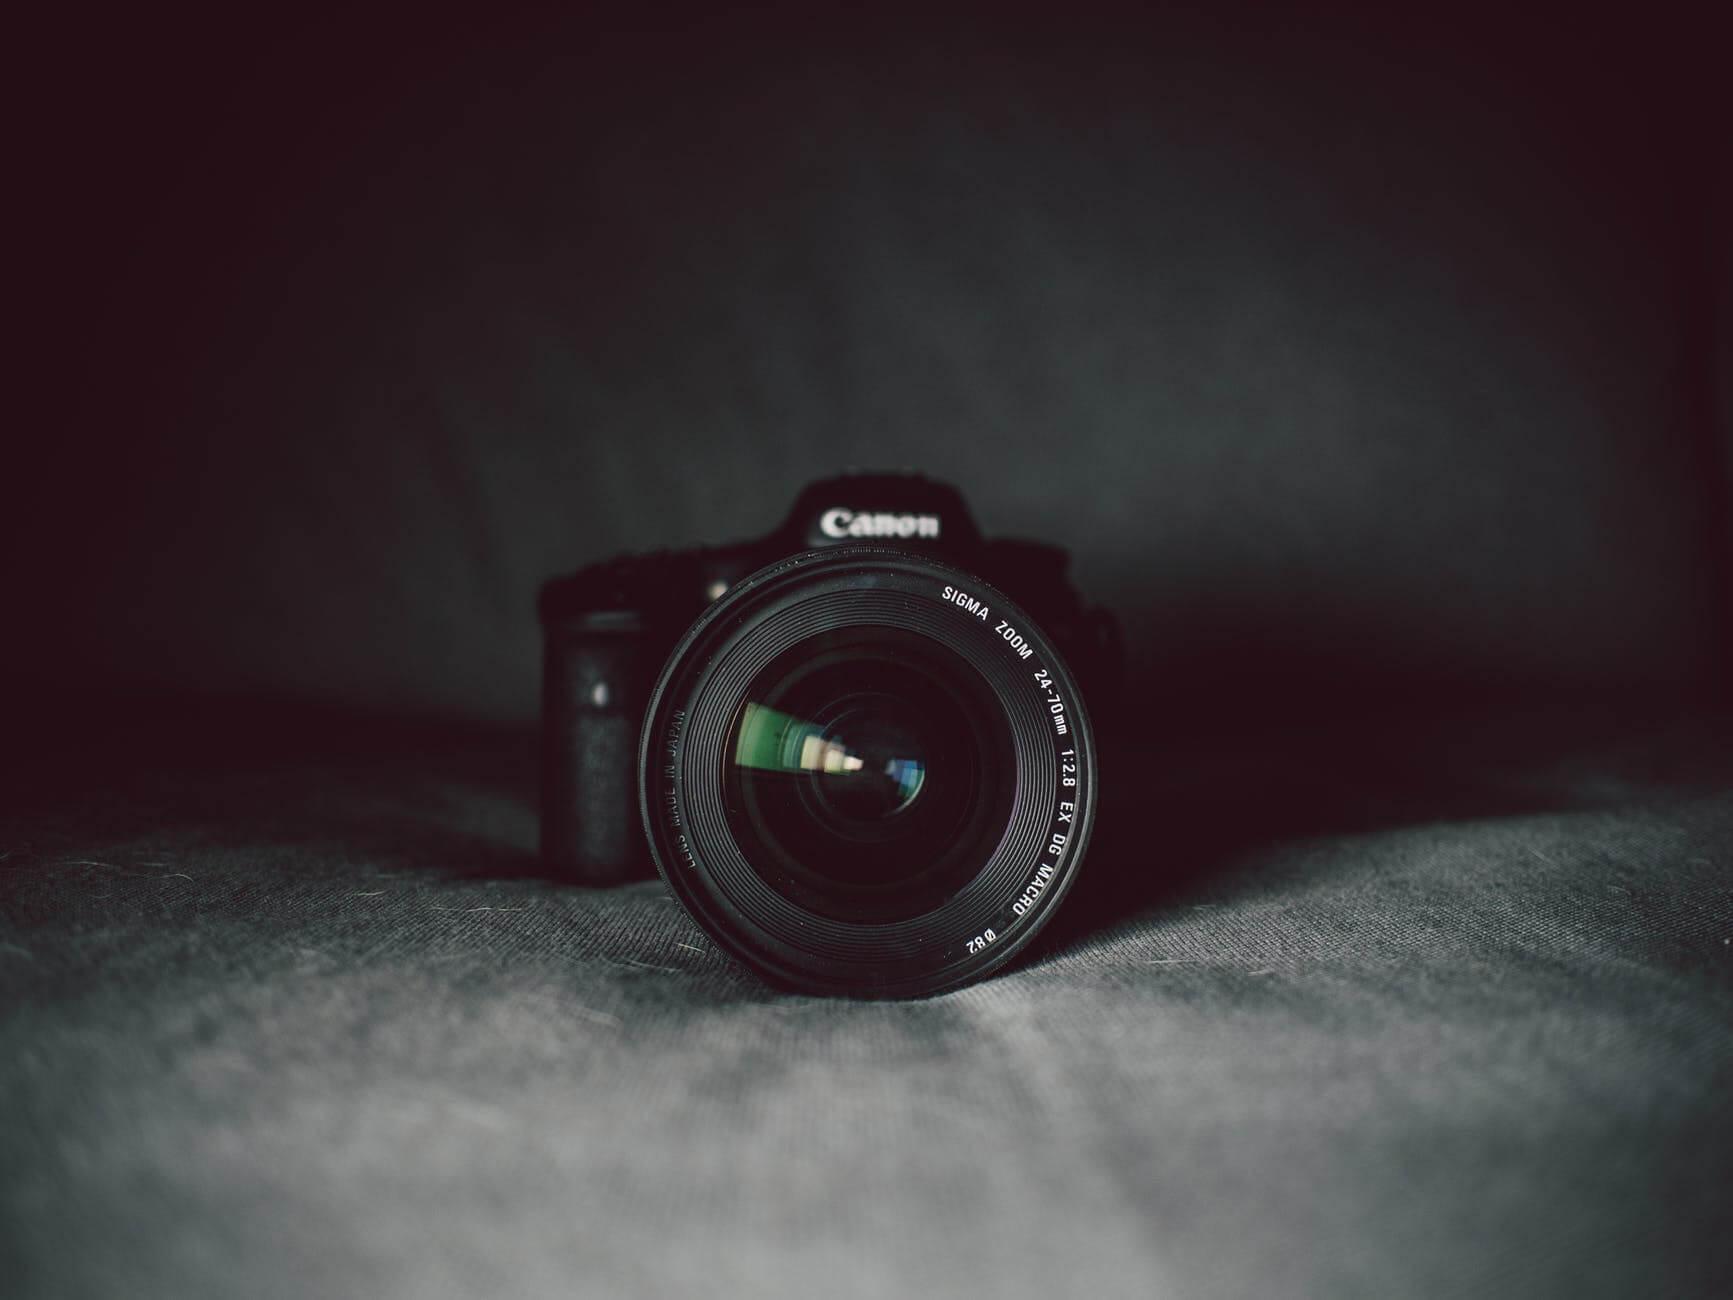 目指せYouTuber!動画撮影 Vlogに最適なカメラを探してみよう!